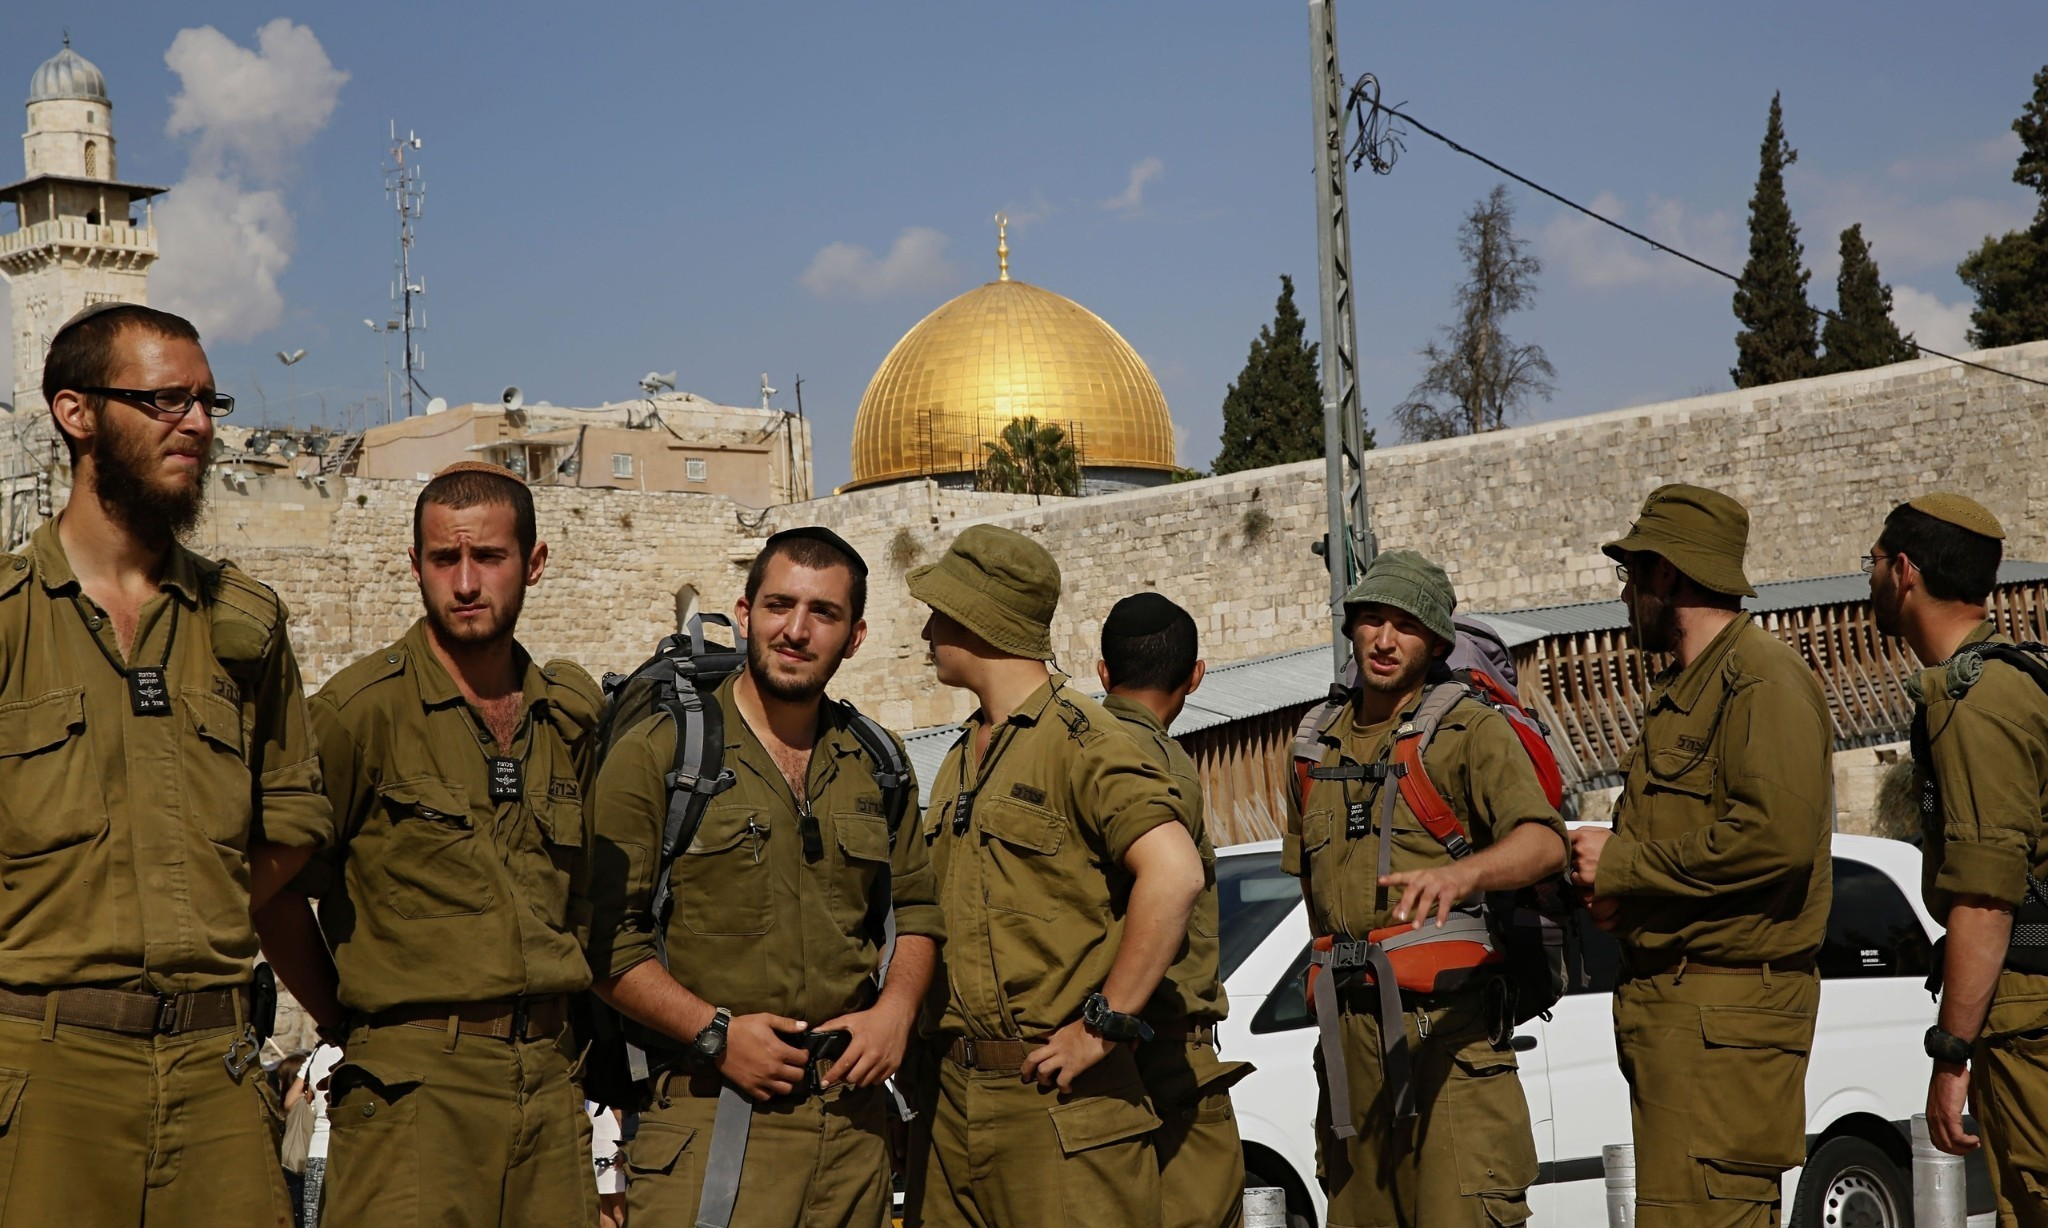 Israel closes Al-Aqsa mosque compound to all visitors